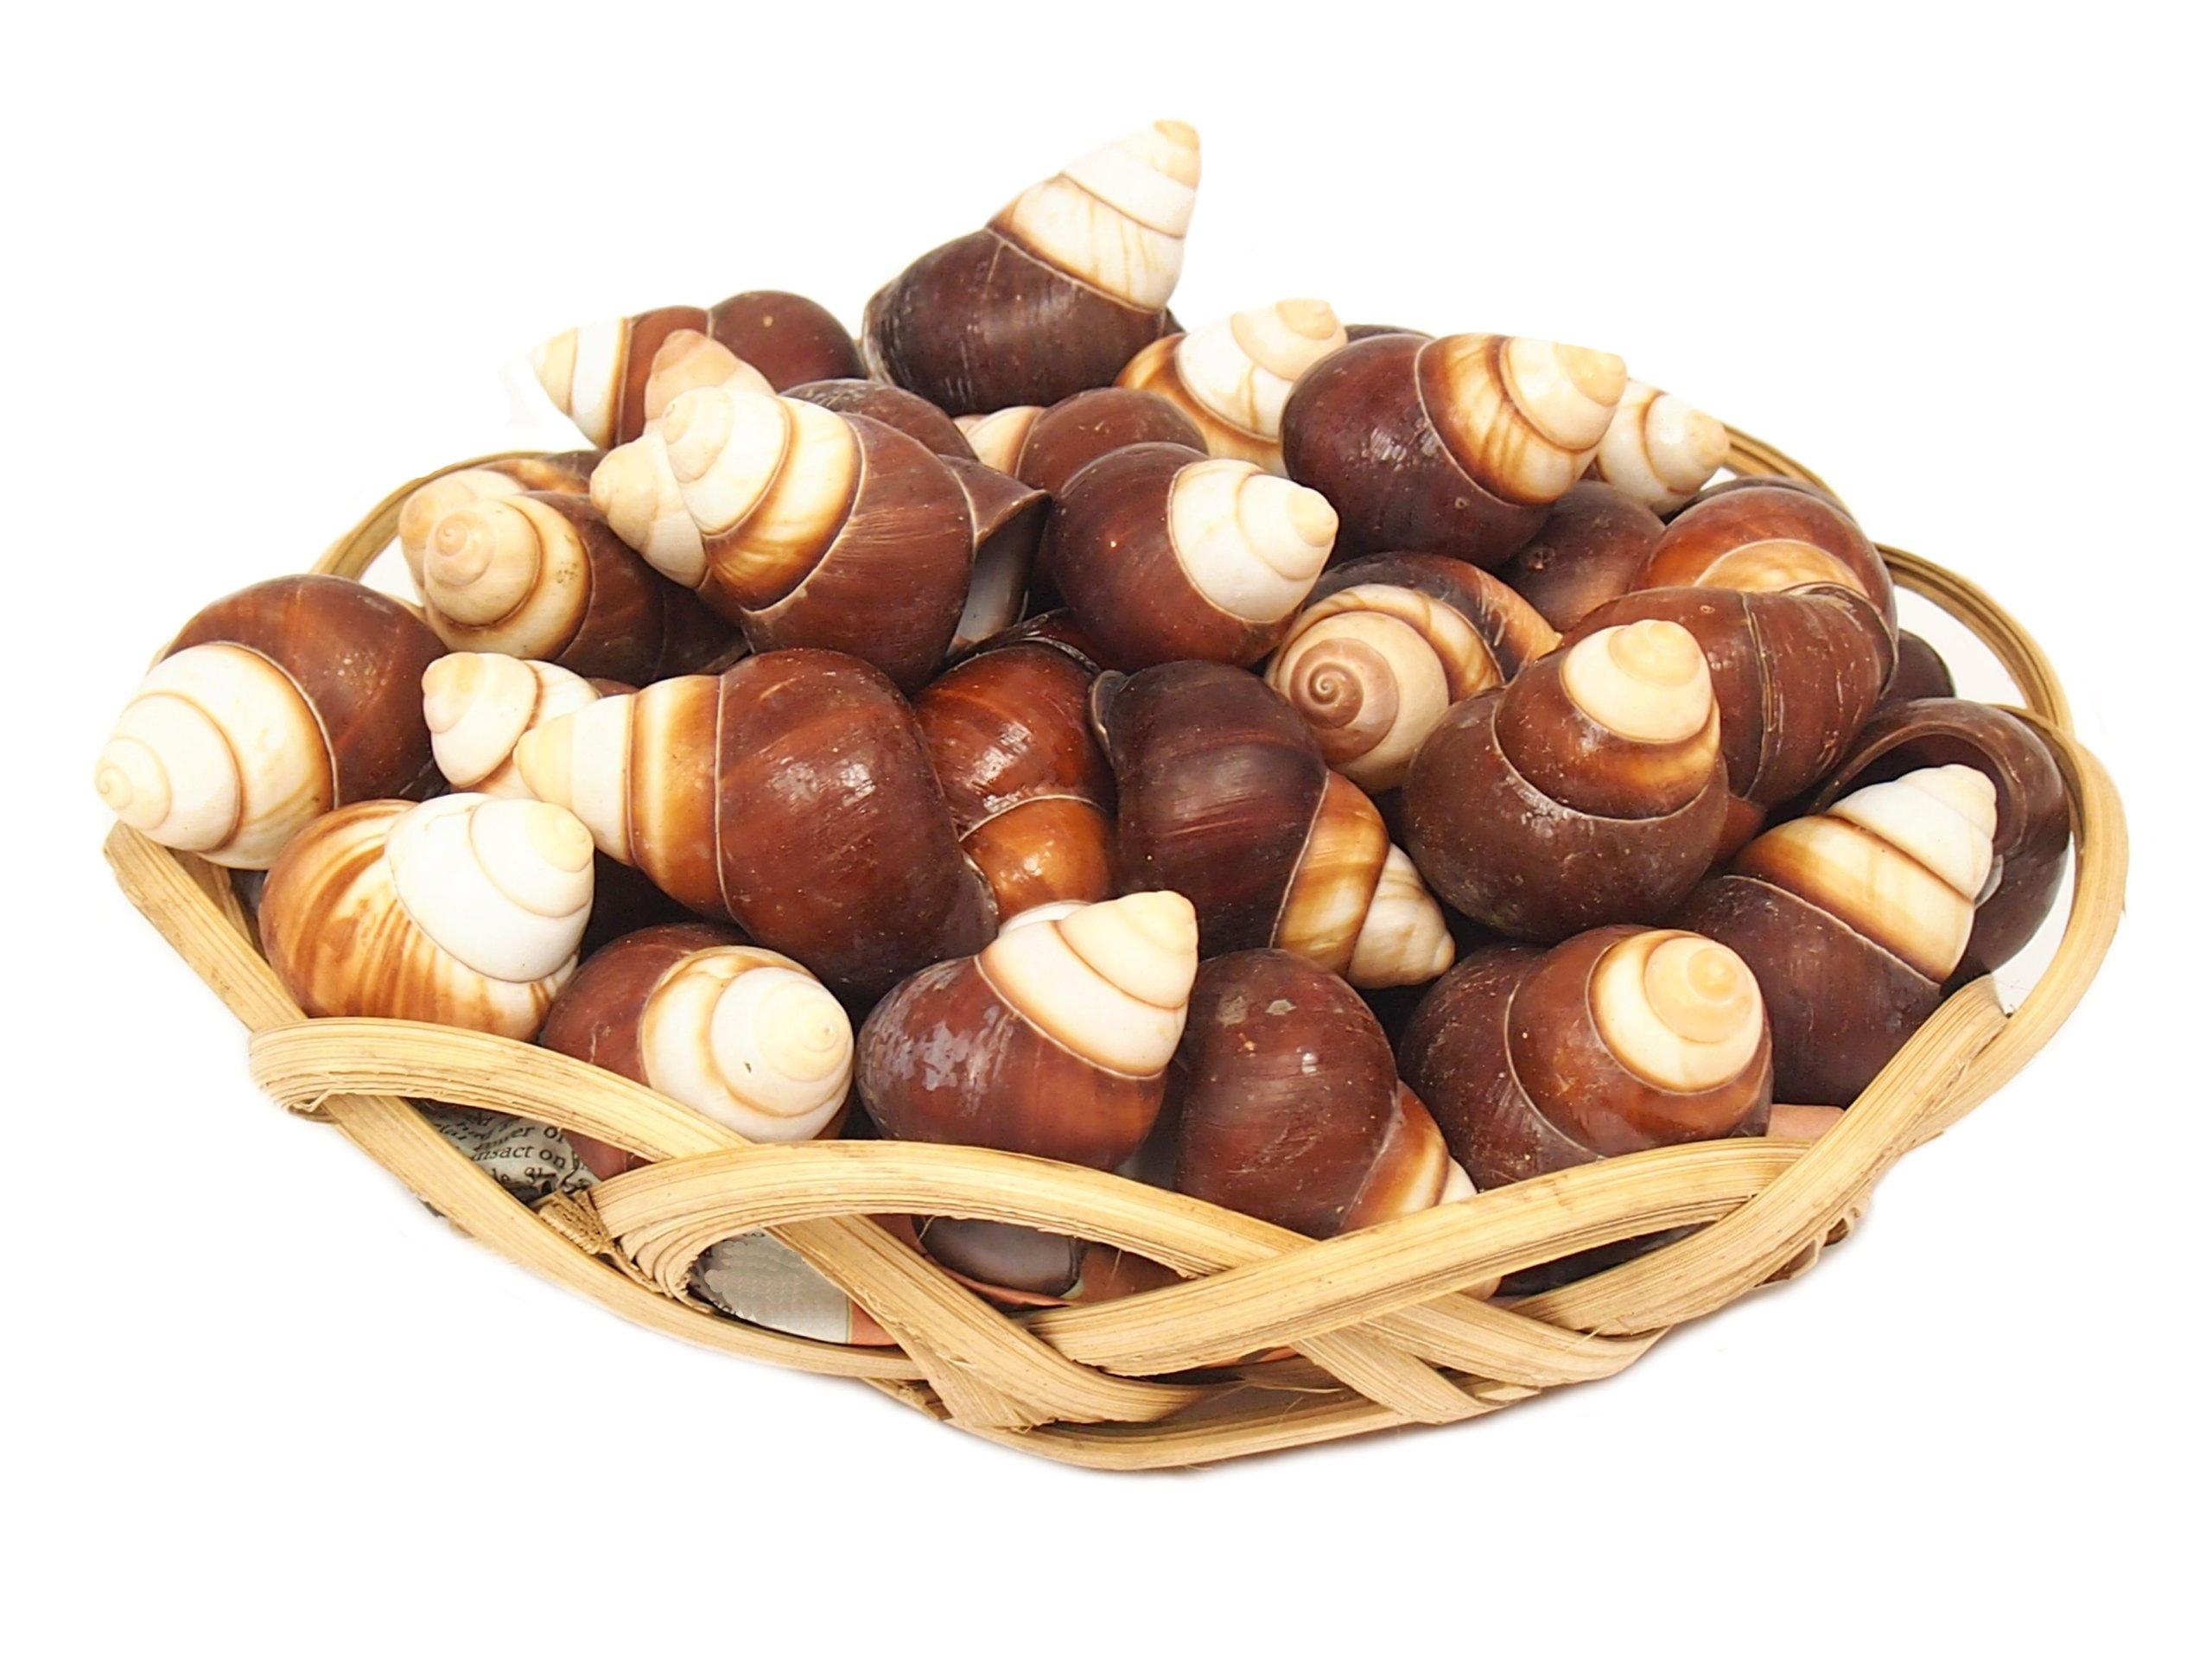 Seaškrtné more Shell Decoration Basket 75ks 0.5kg